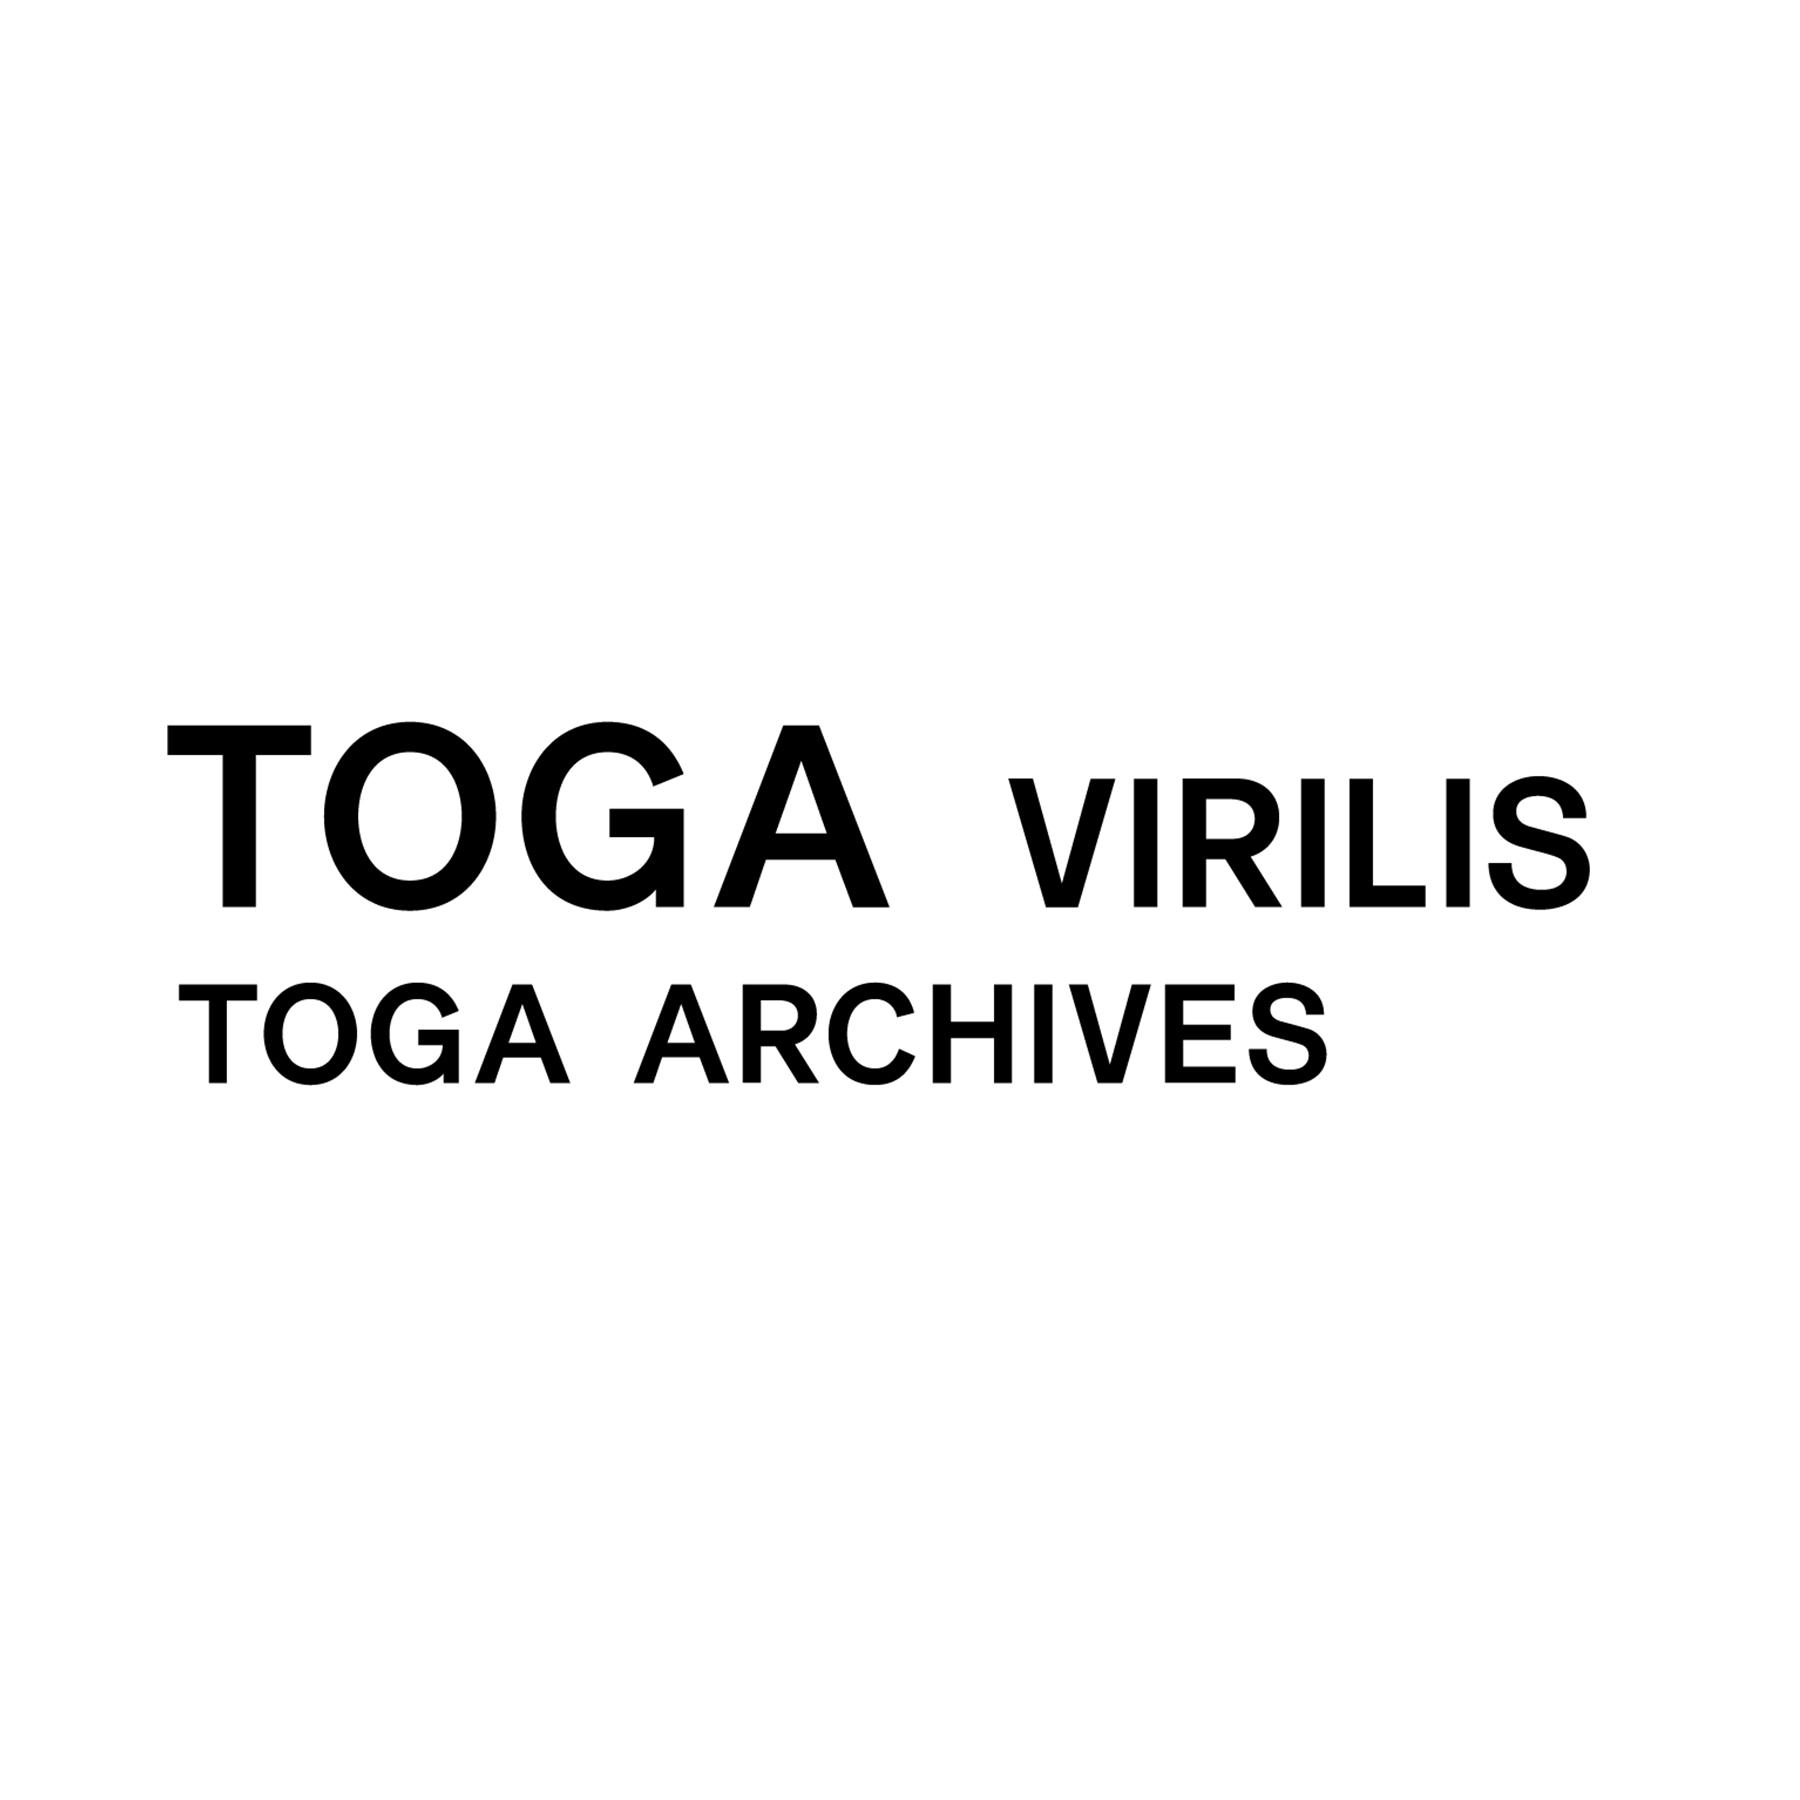 Toga_Virilis.jpg